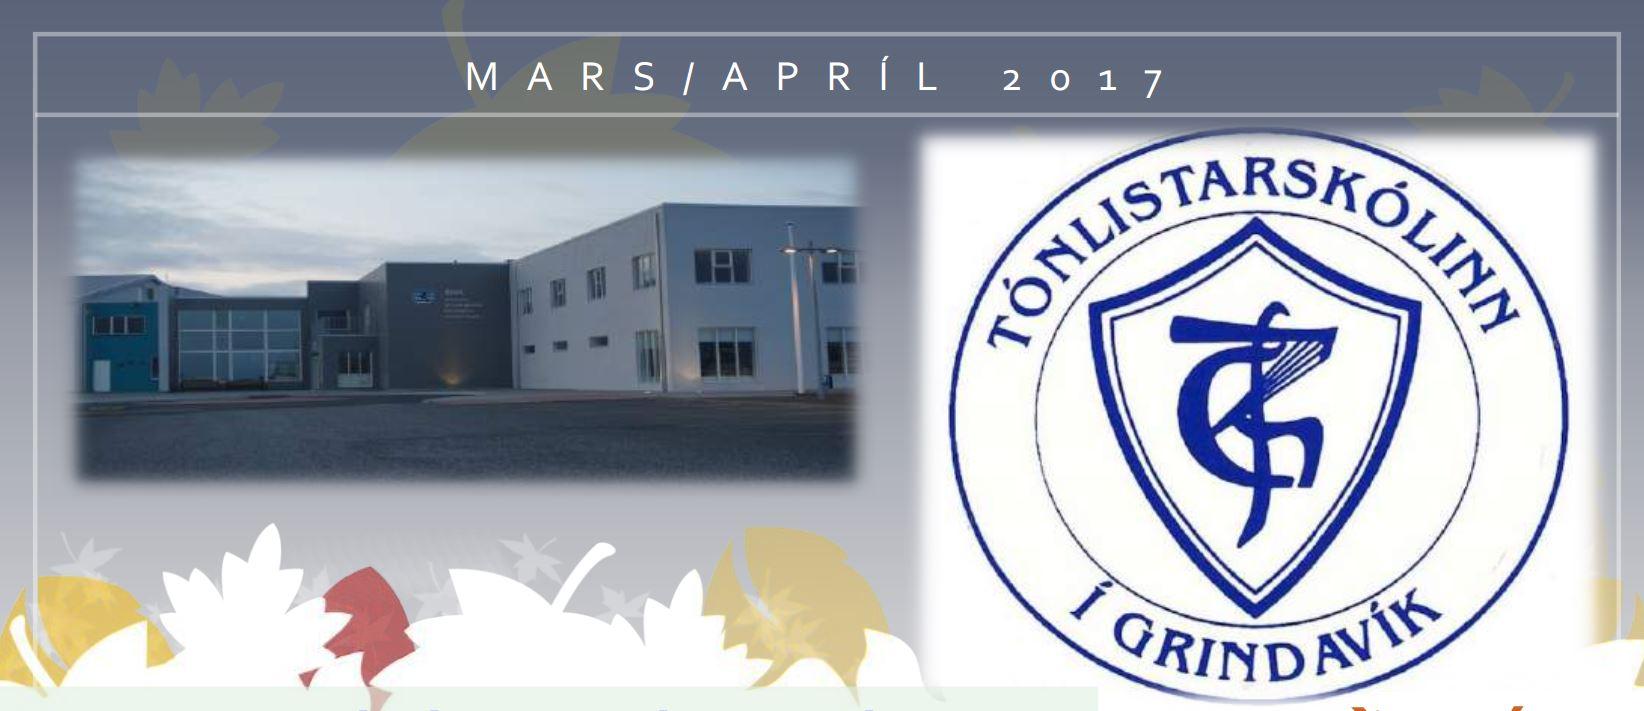 Fréttablað tónlistarskólans fyrir mars og apríl komið út